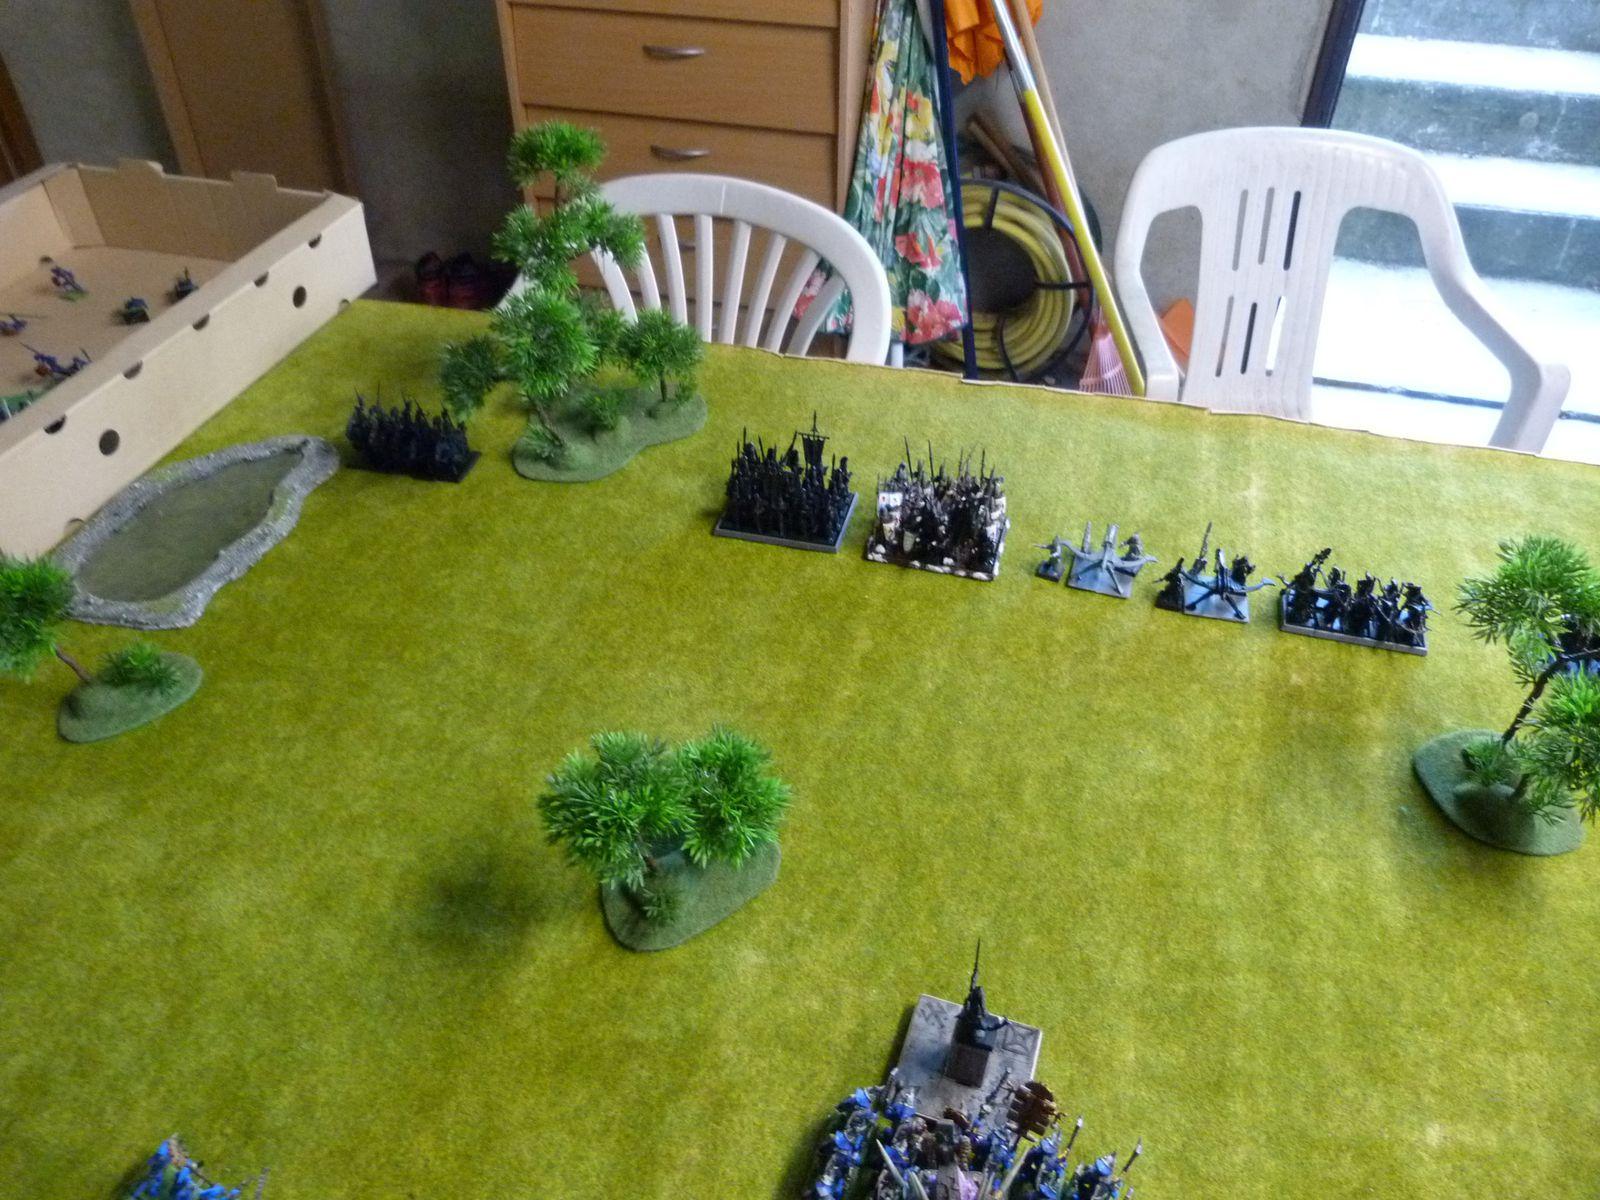 5 patrouilleurs Ellyriens, 20 maîtres des épées, 20 gardes maritimes avec le sorcier de haute magie et une grande bannière, 2 balistes, 9 soeurs d'Avelorn avec le sorcier de l'ombre (général de l'armée)...